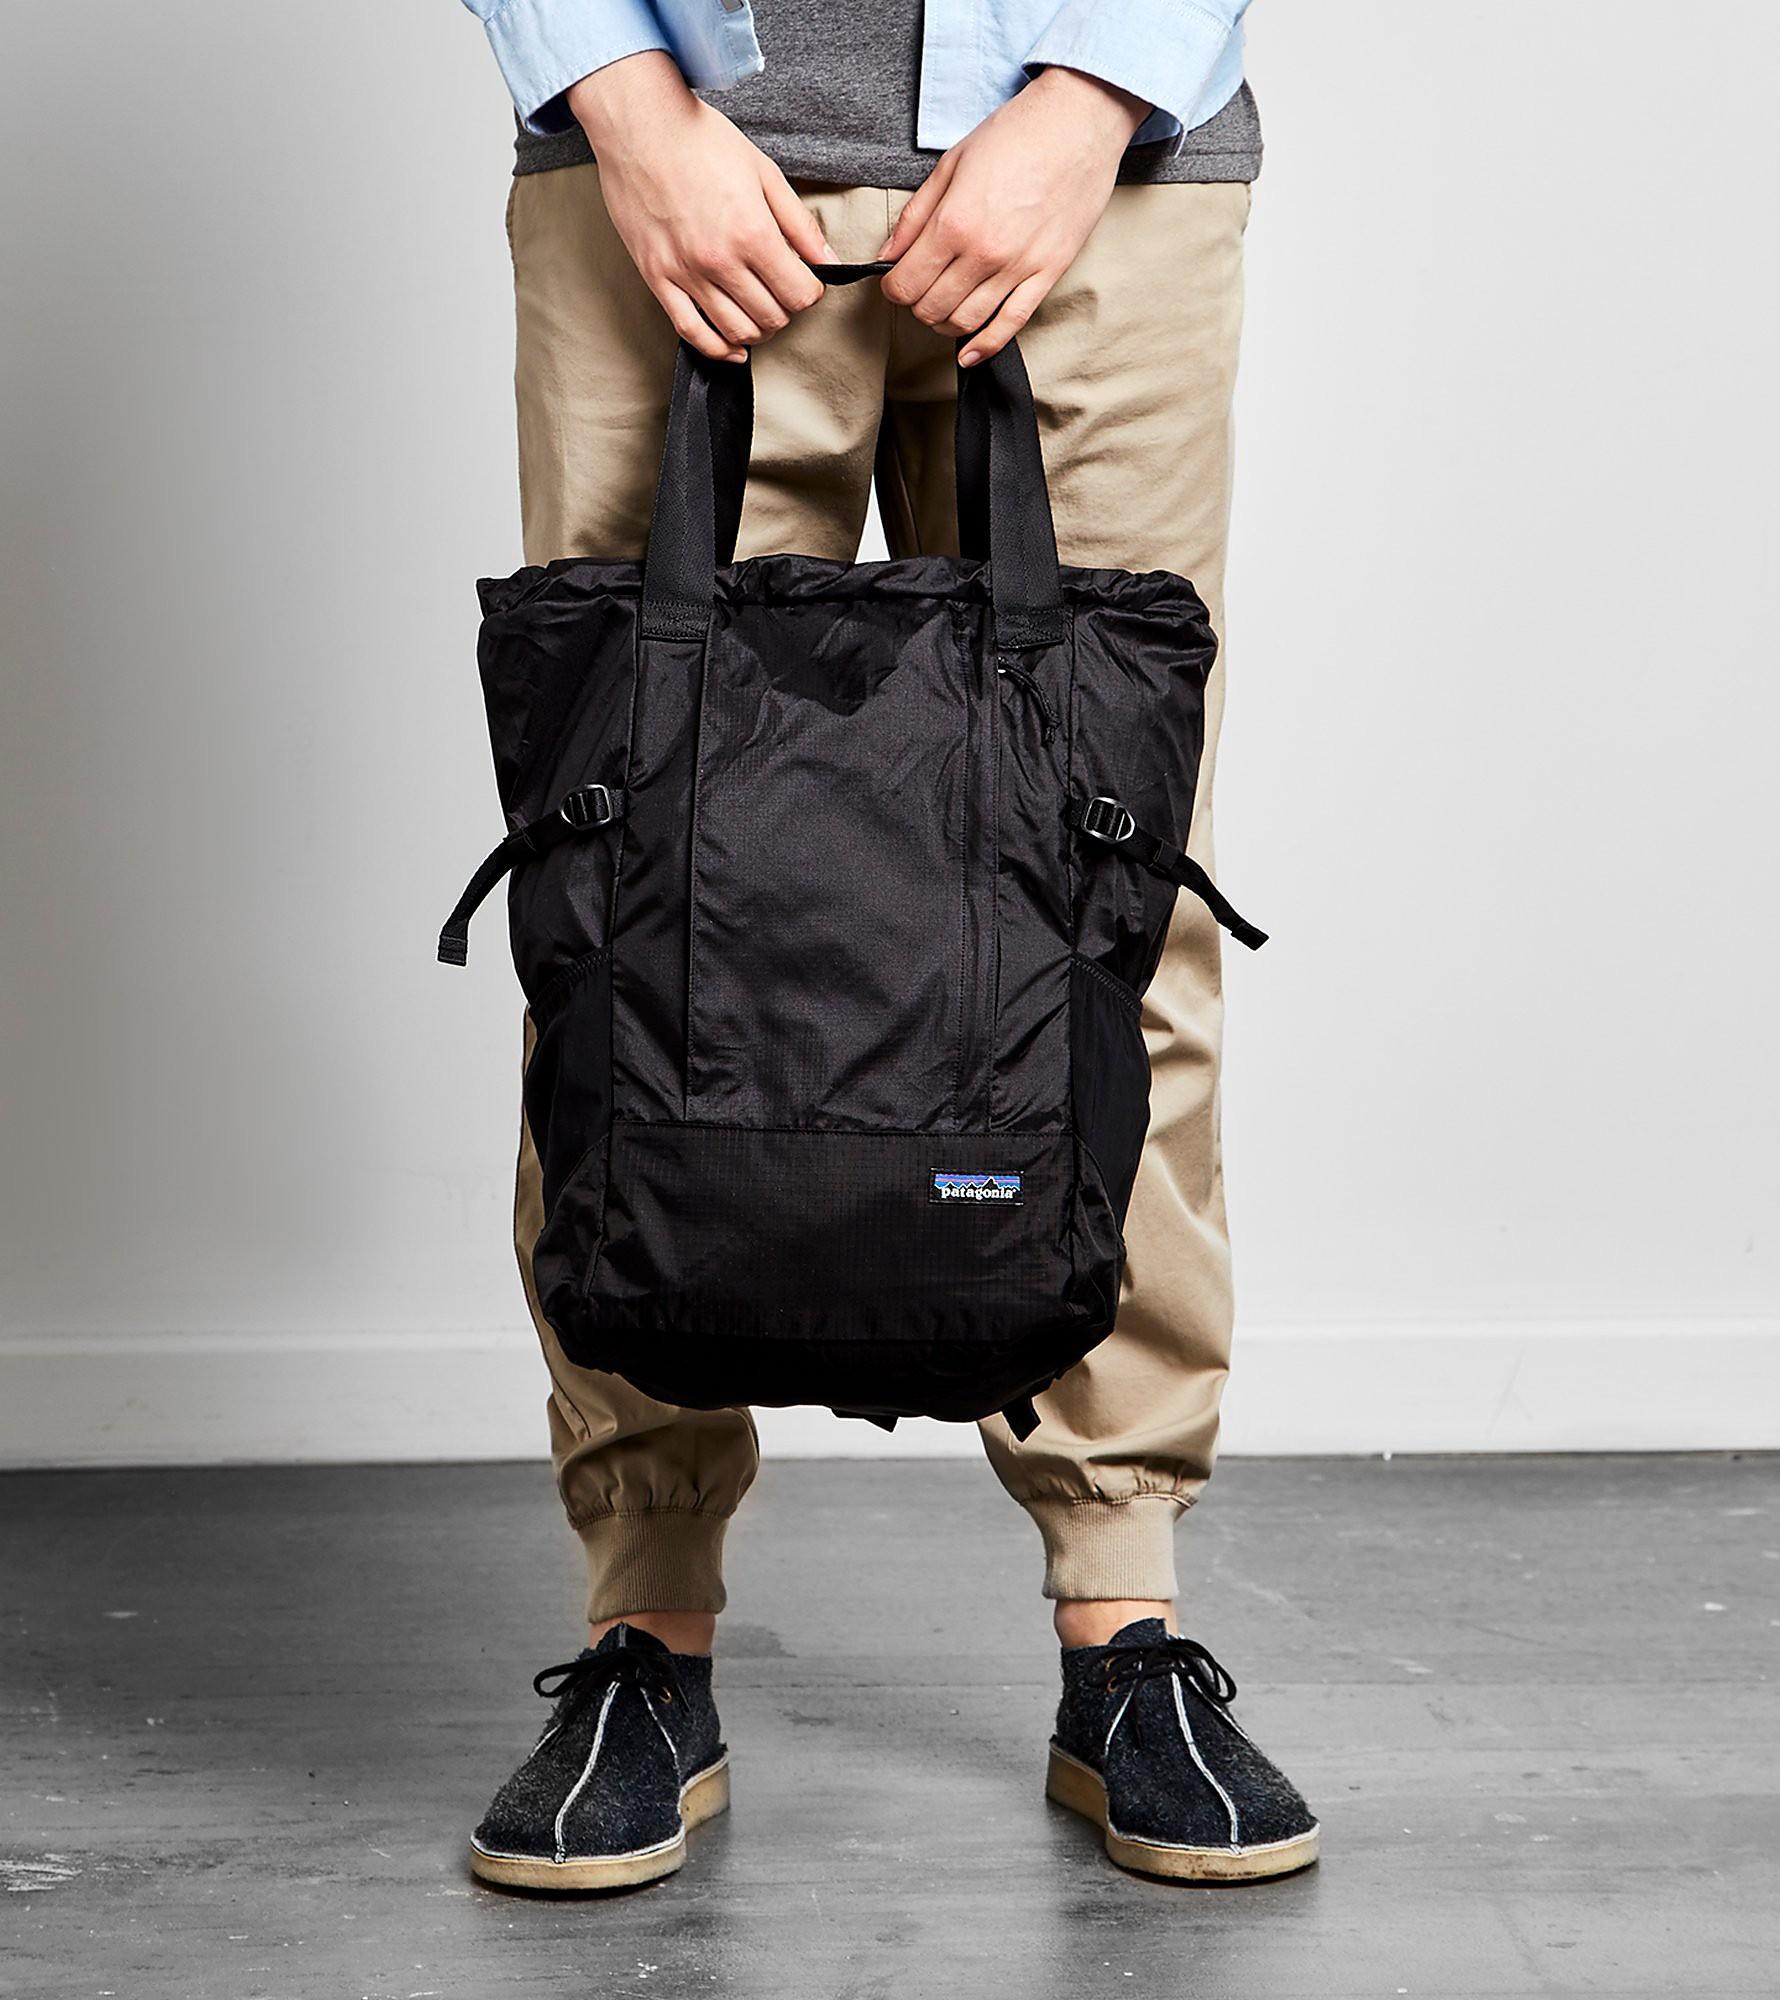 Patagonia Lightweight Travel Tote Bag